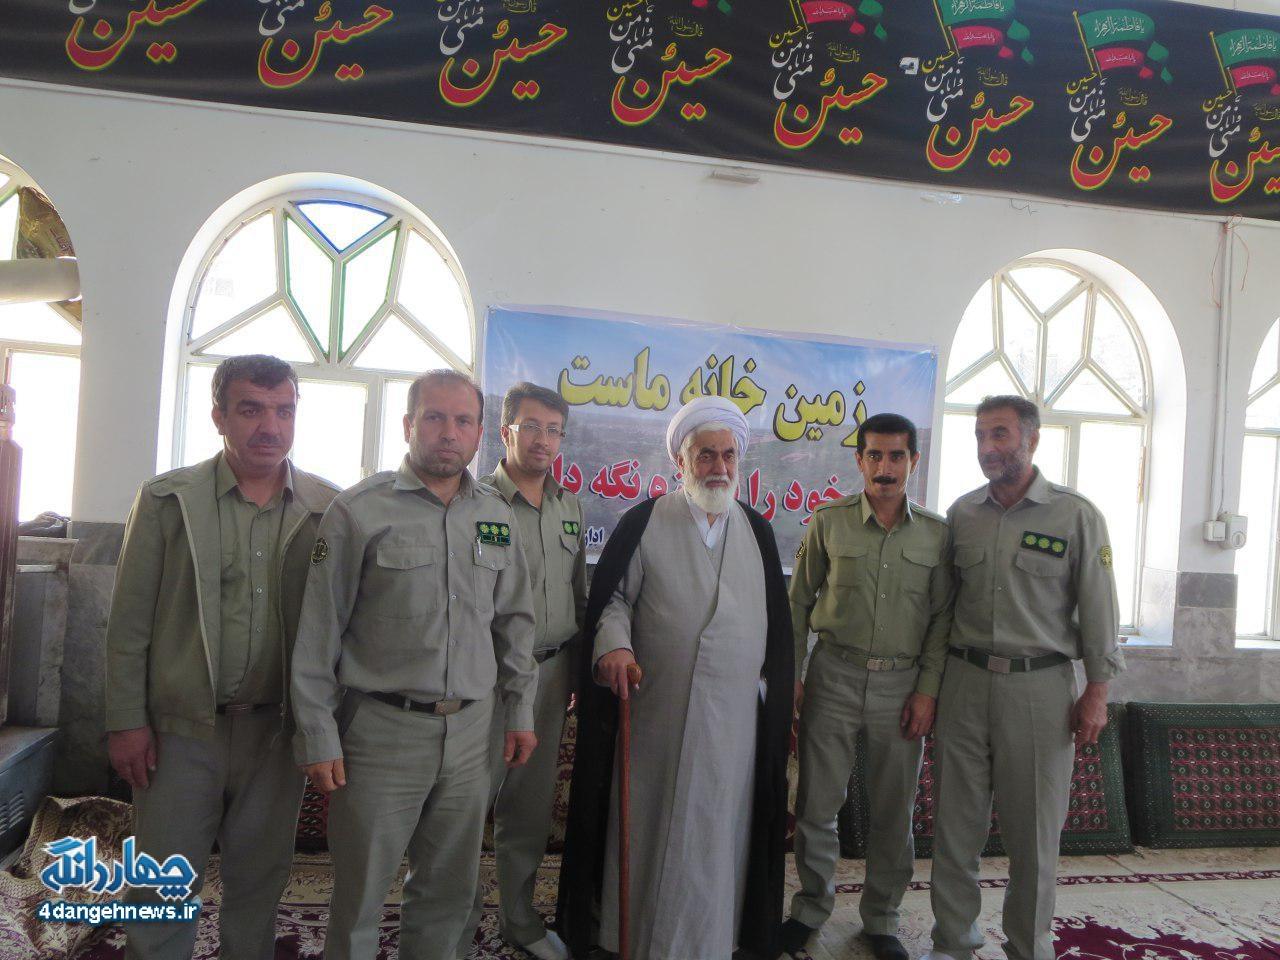 گزارش تصویری نمازجمعه چهاردانگه - 1 اردیبهشت 1396